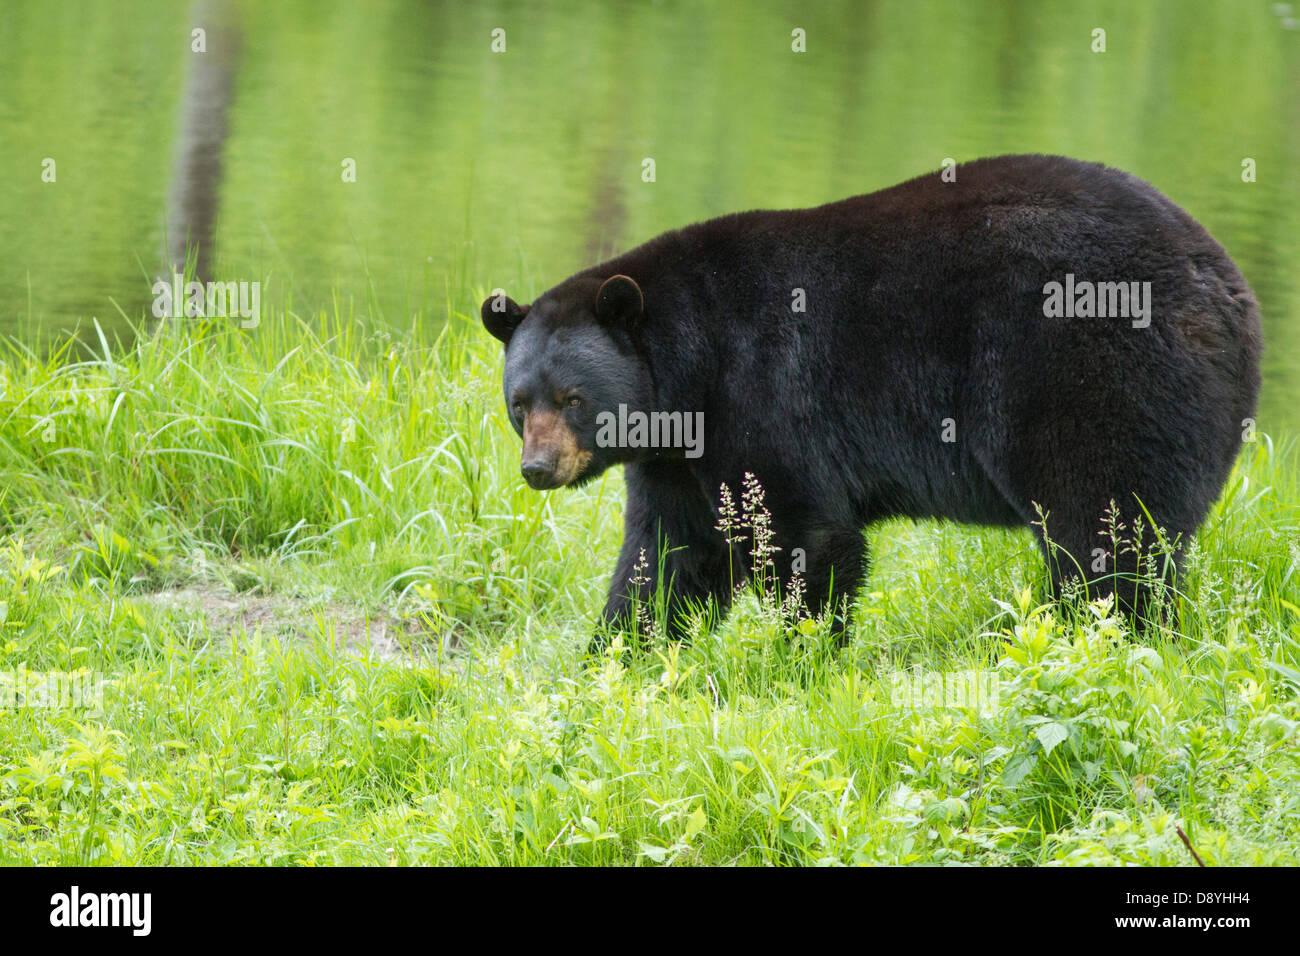 Grand mâle ours noir (Ursus americanus) au printemps. Photo Stock